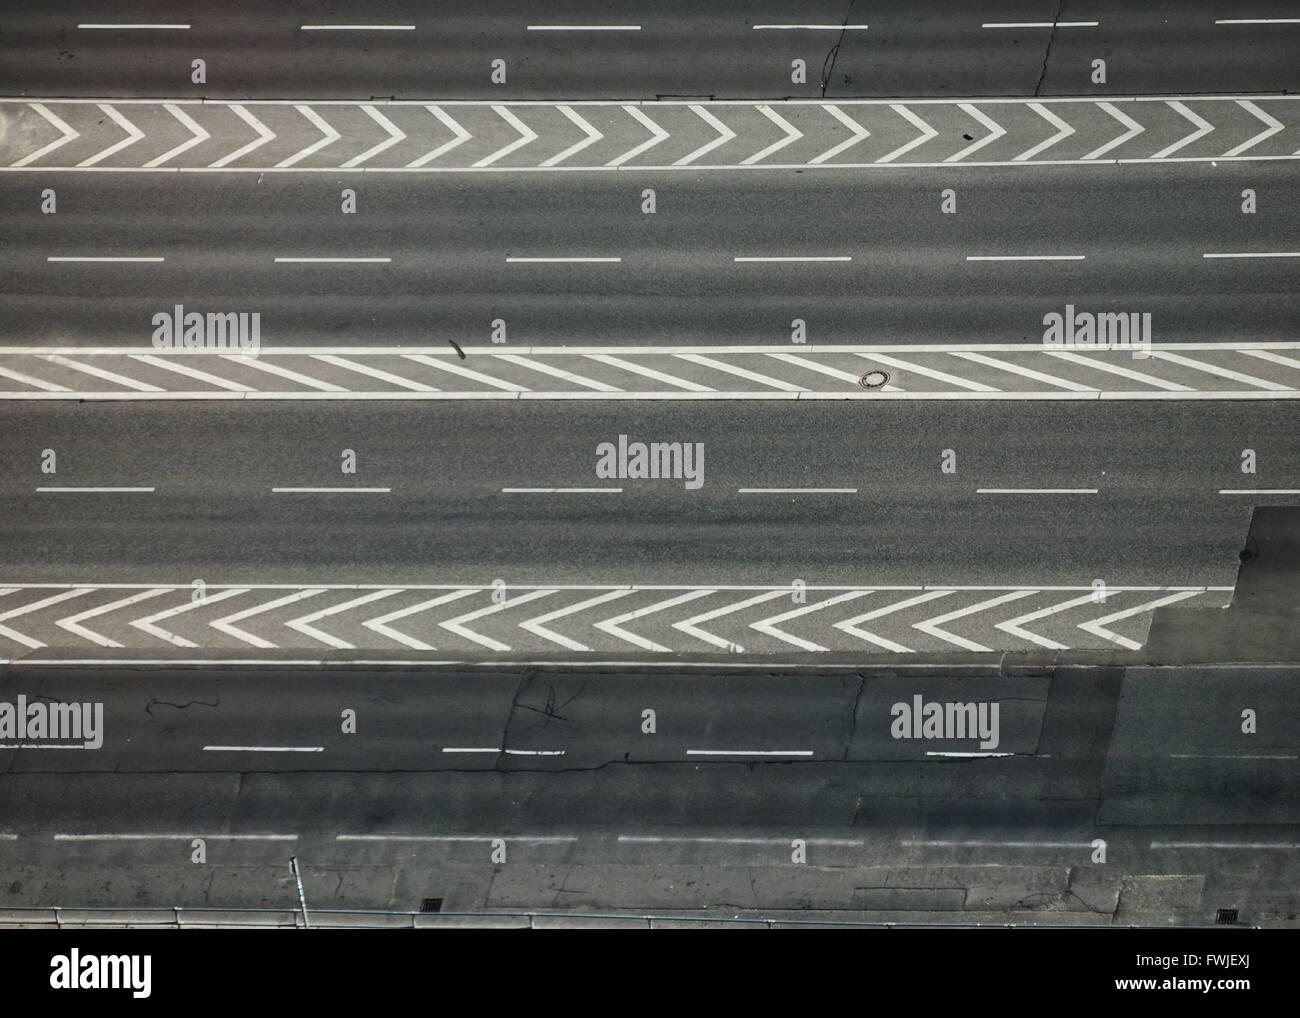 High Angle View Of Markierungen auf der Straße Stockbild